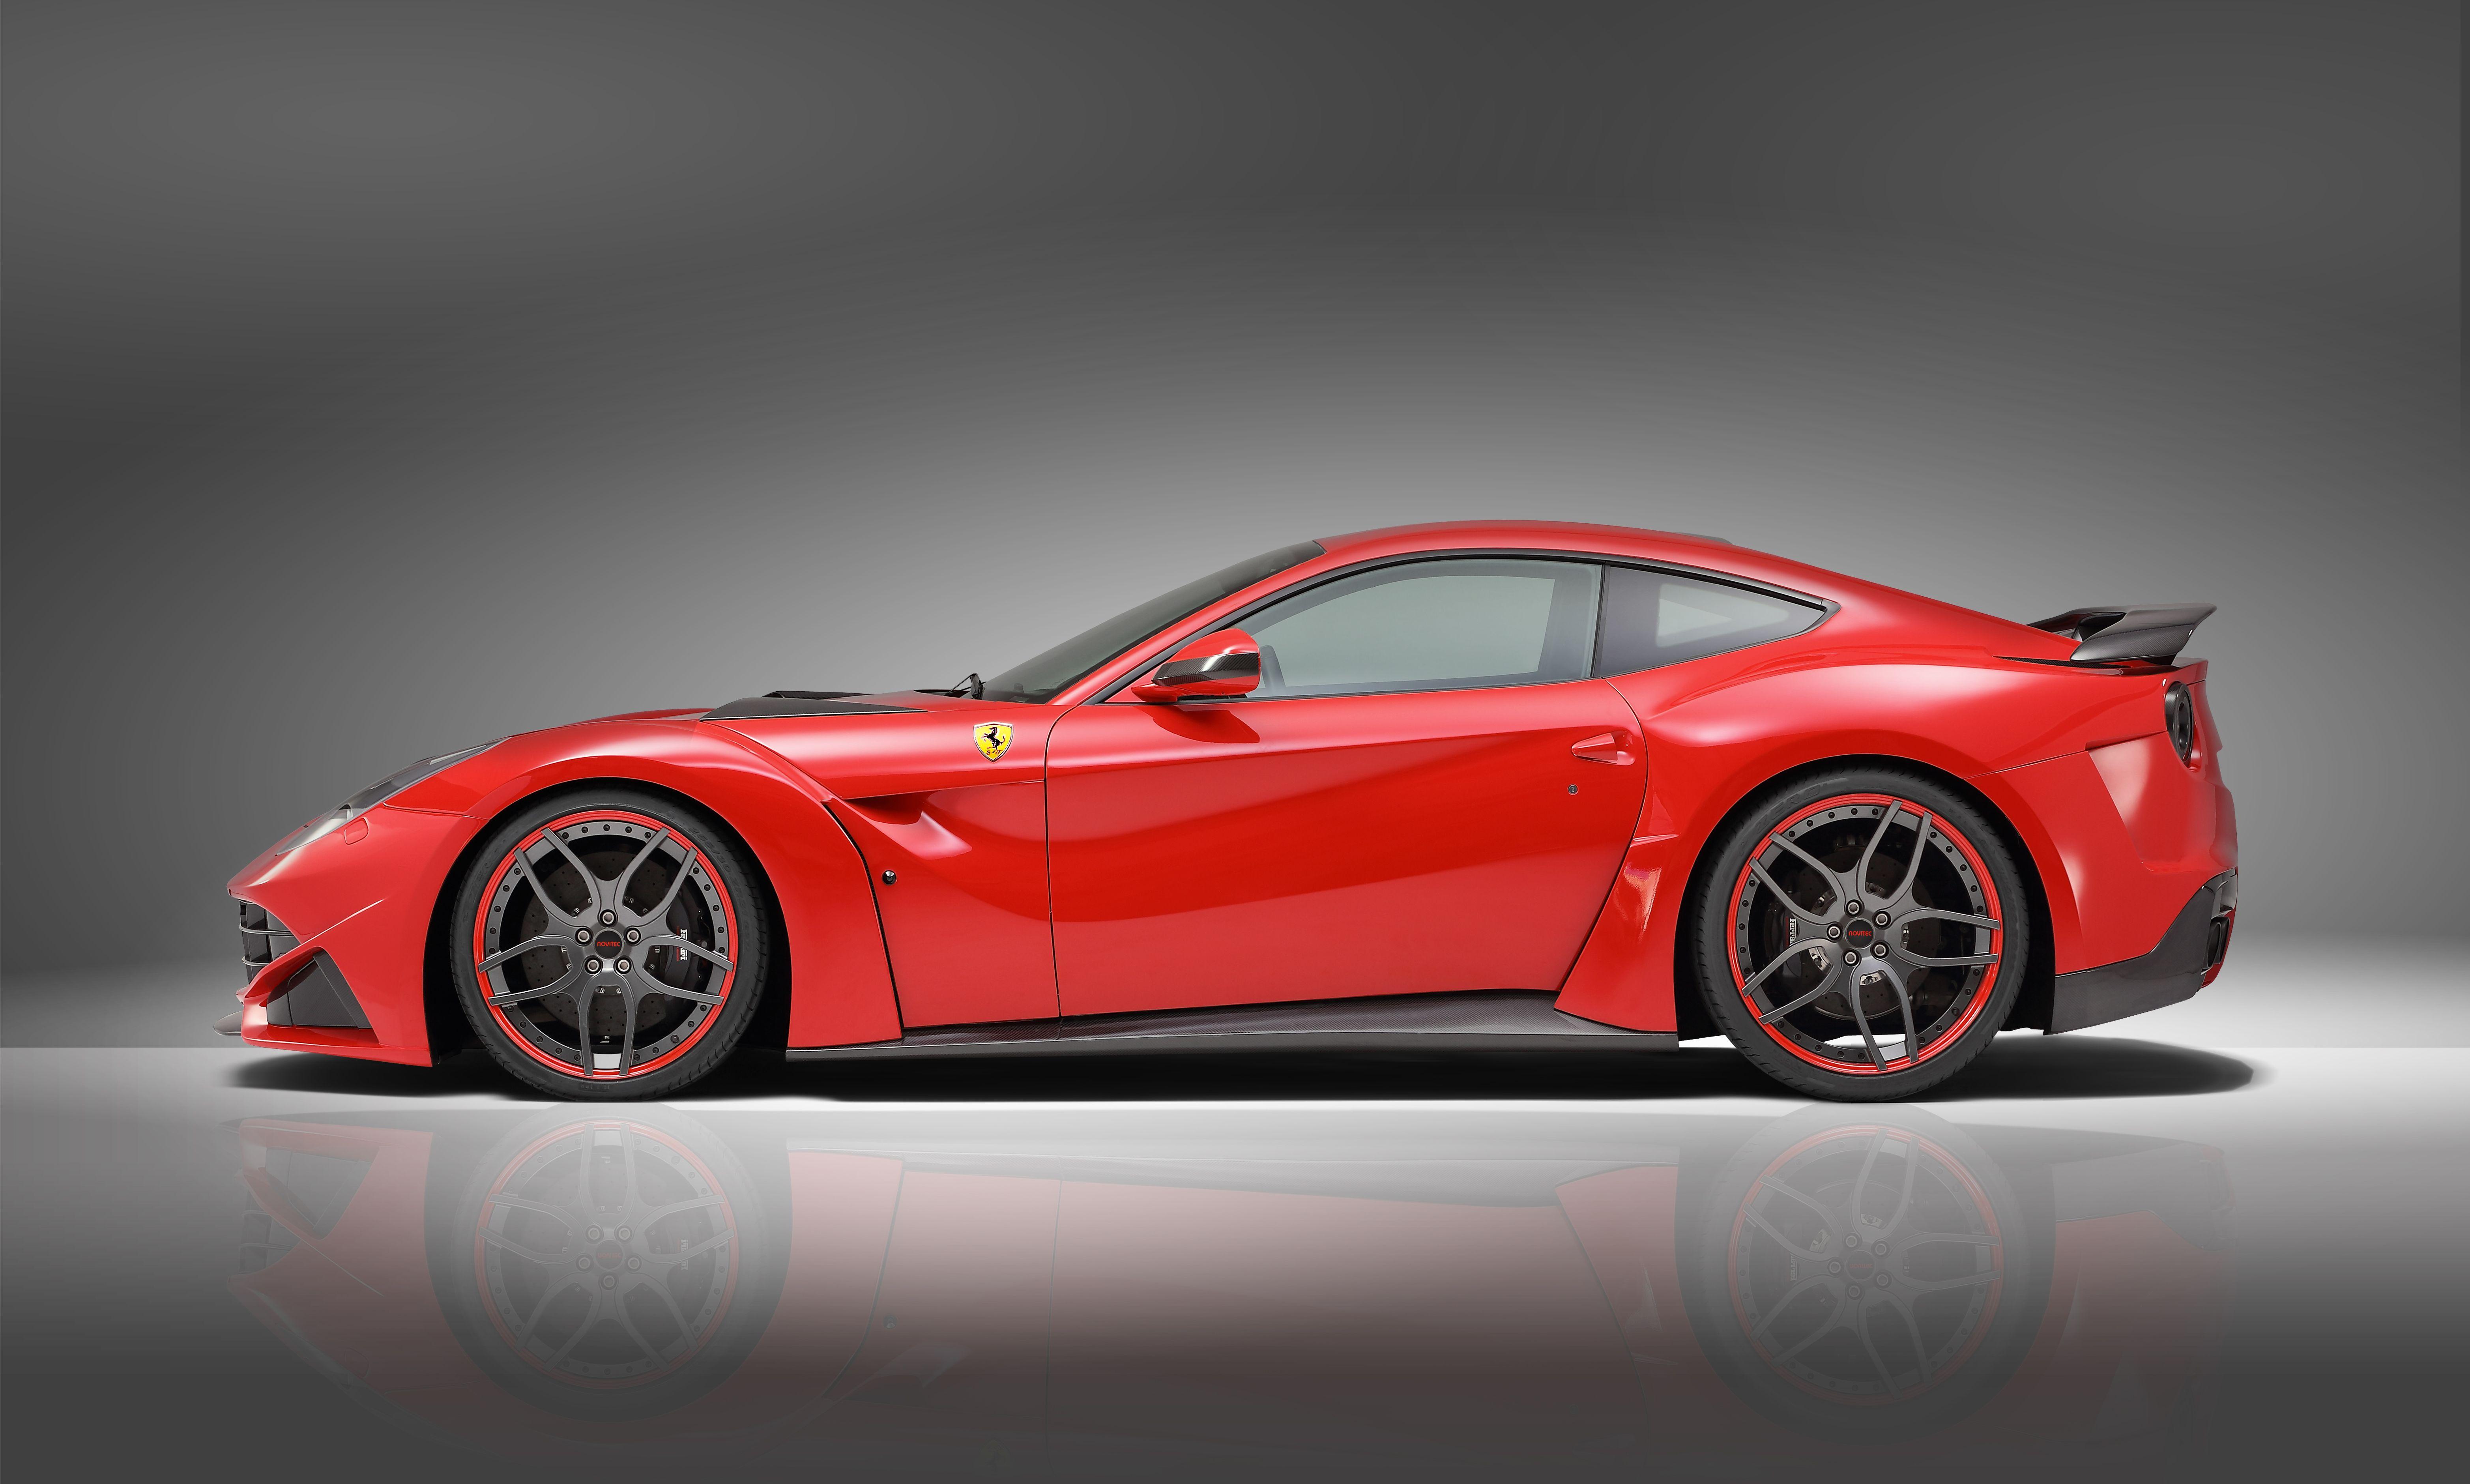 ferrari f12 berlinetta modifiednovitec rosso | ferrari f12